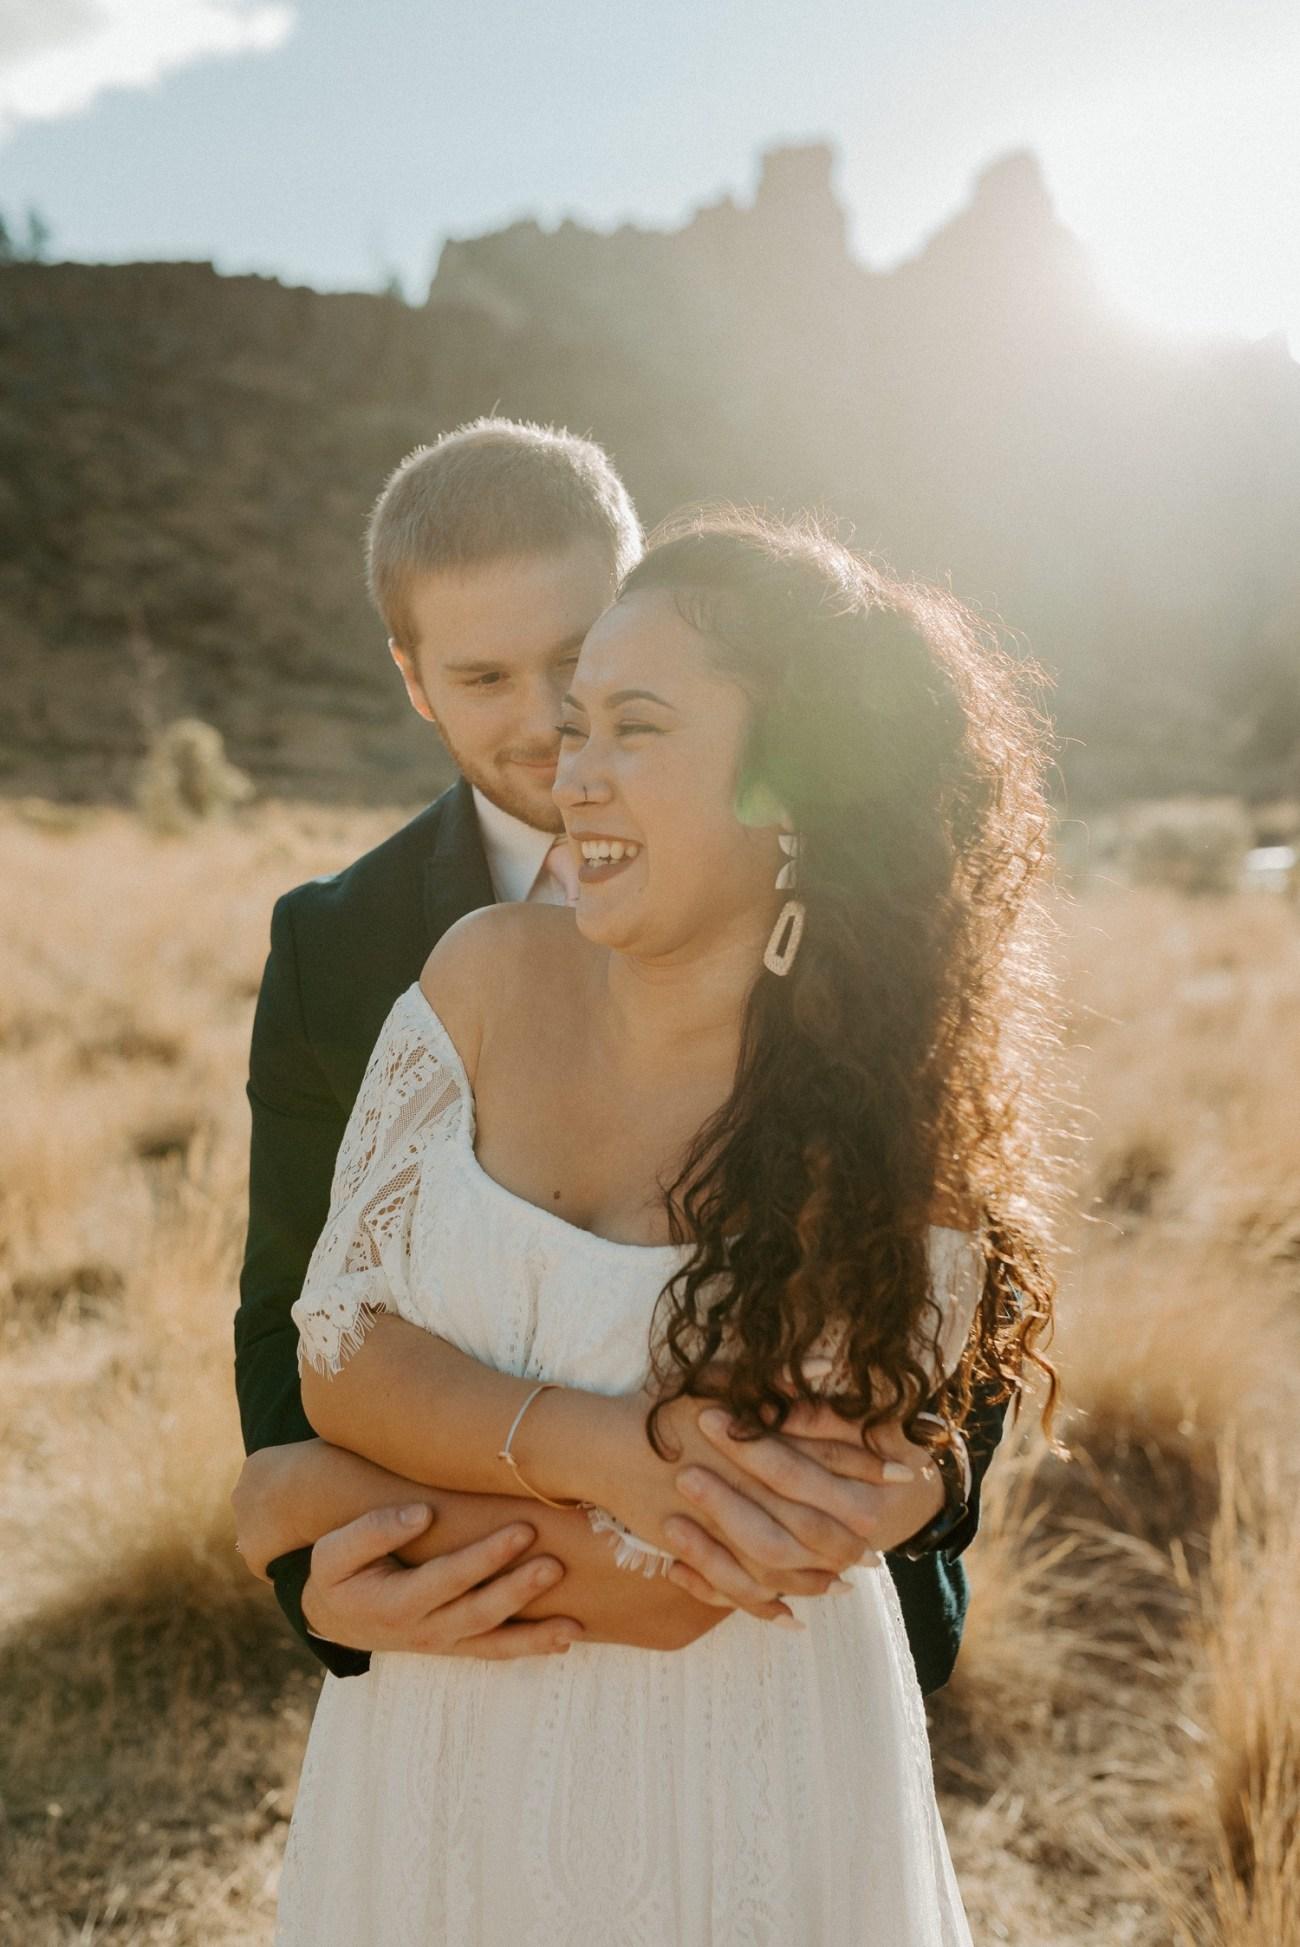 Smith Rock Elopement Bend Elopement Photographer Bend Wedding Photographer Fall Bend Wedding Anais Possamai Photography 029